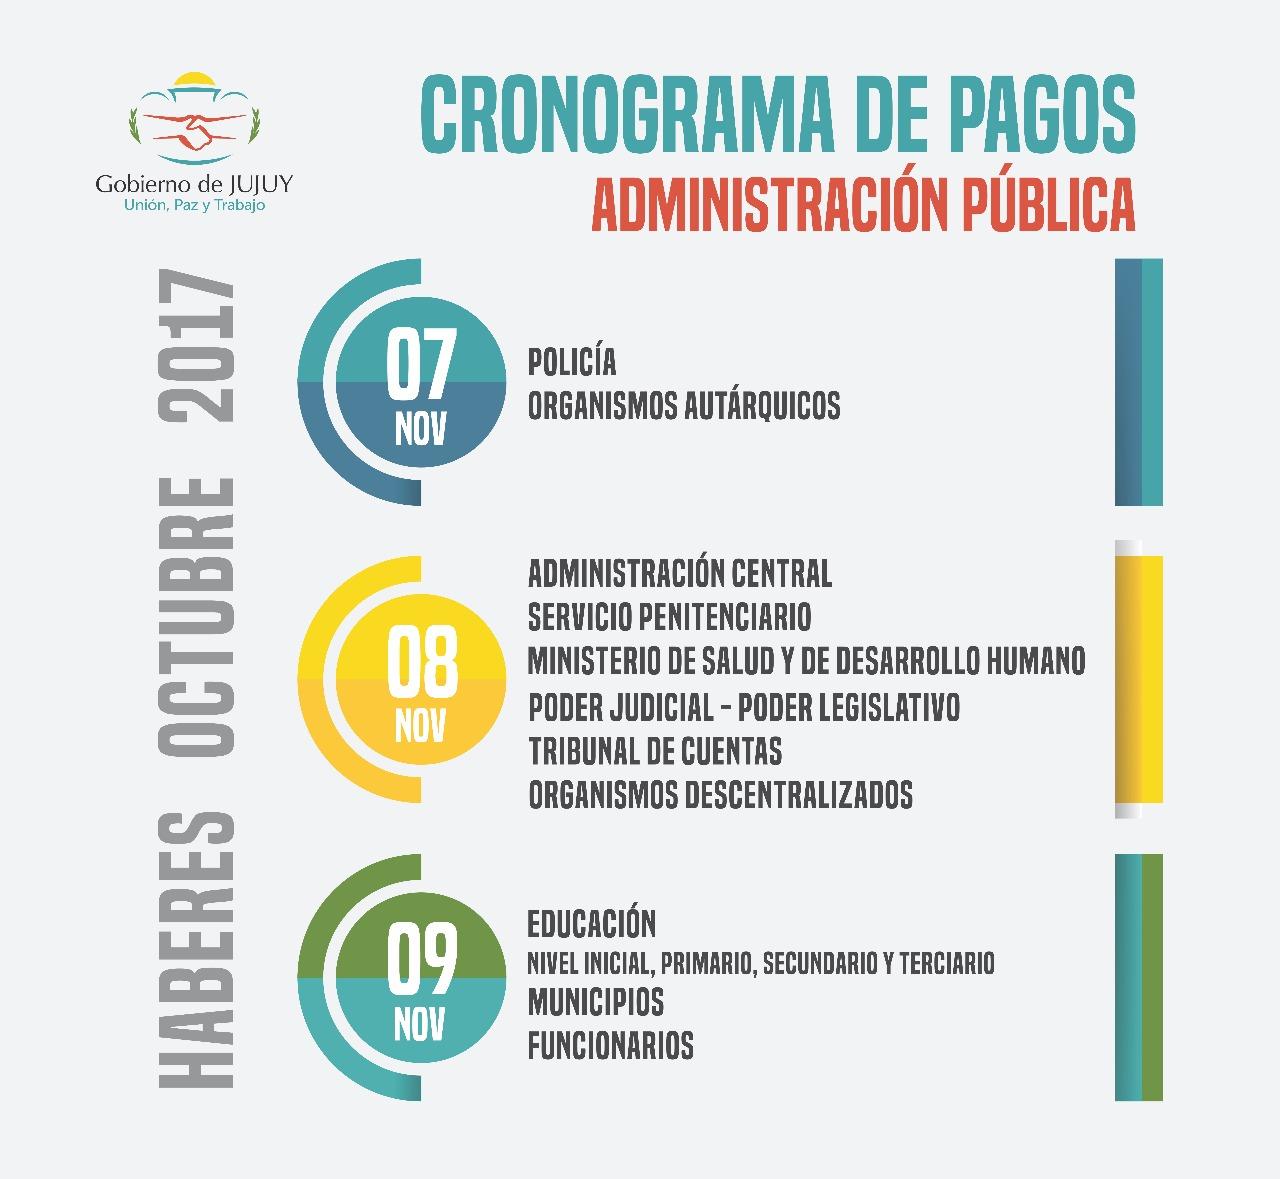 El martes 7 inicia el cronograma de pagos click jujuy for Cronograma de pagos ministerio del interior